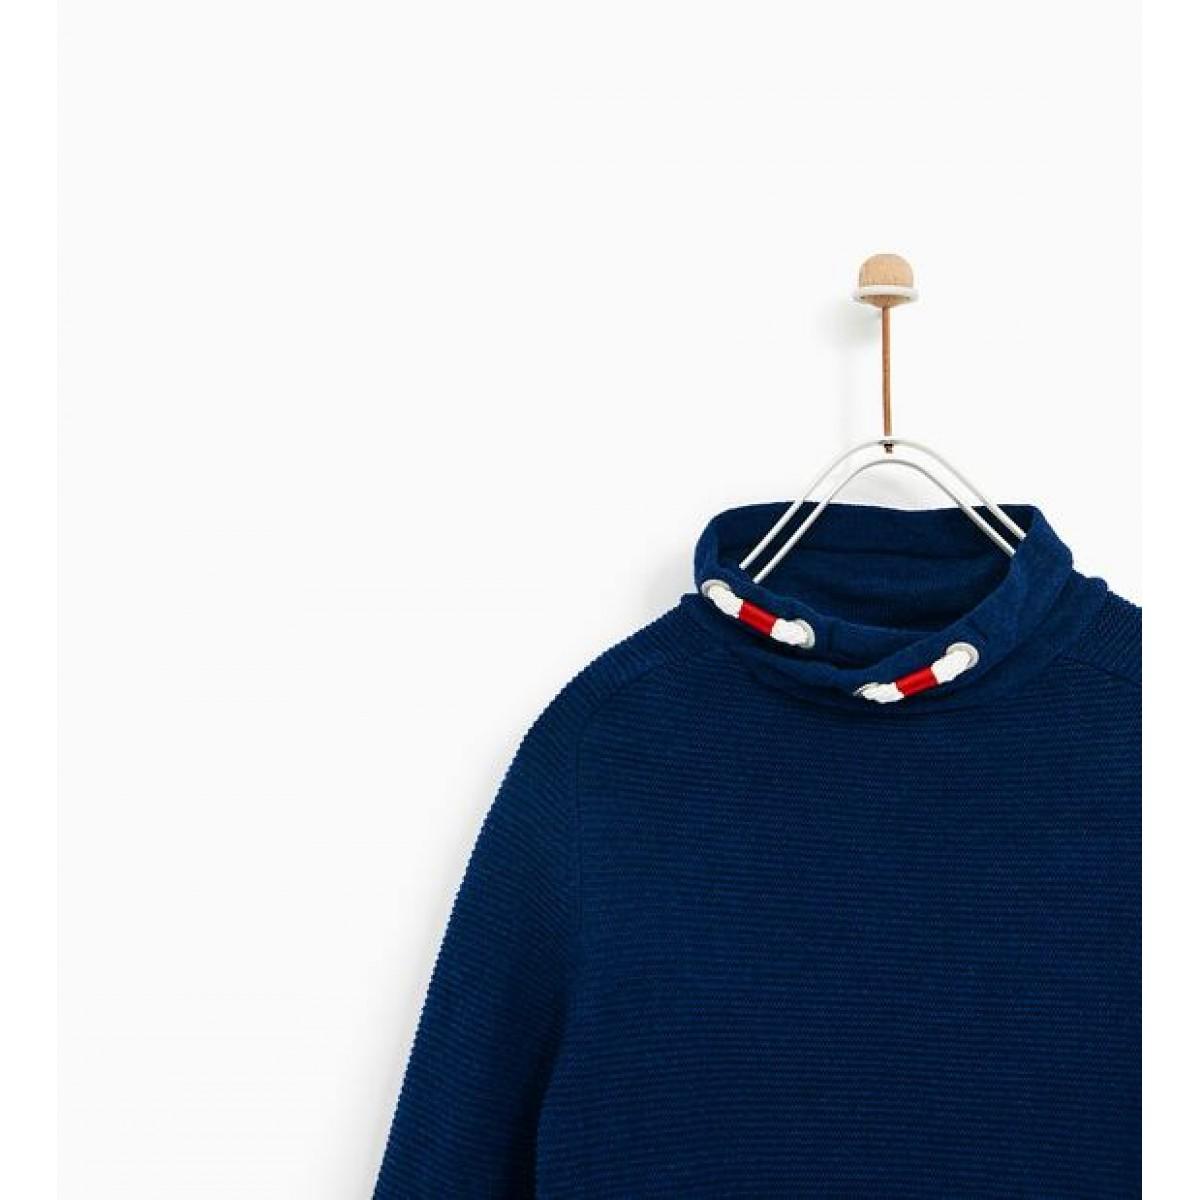 Zara Sweater With Wraparound Turtleneck